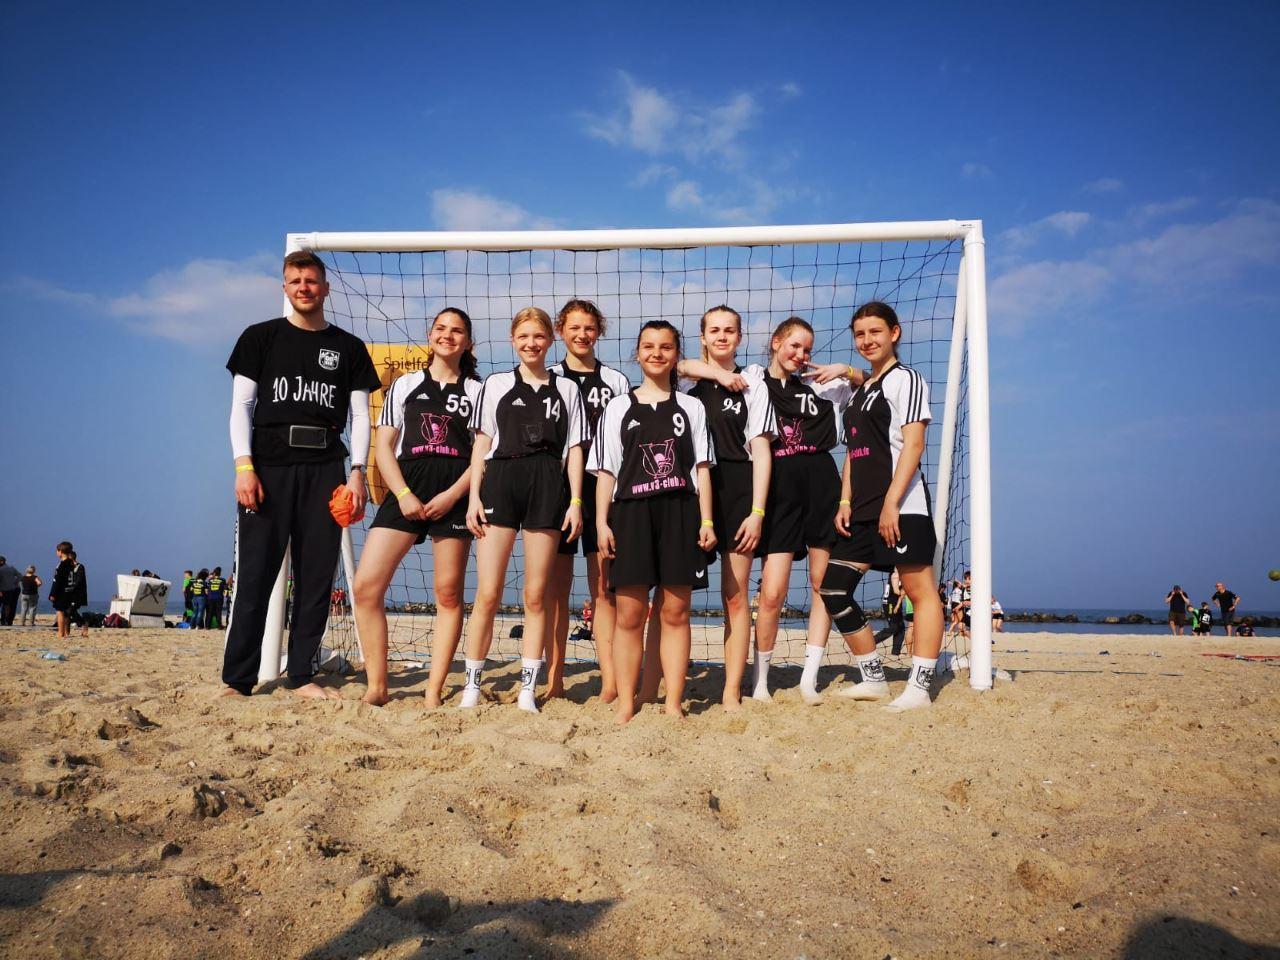 TV Schweinheim / HSG Aschaffenburg weibliche B-Jugend beim Beachhandball Cup in Damp 2019